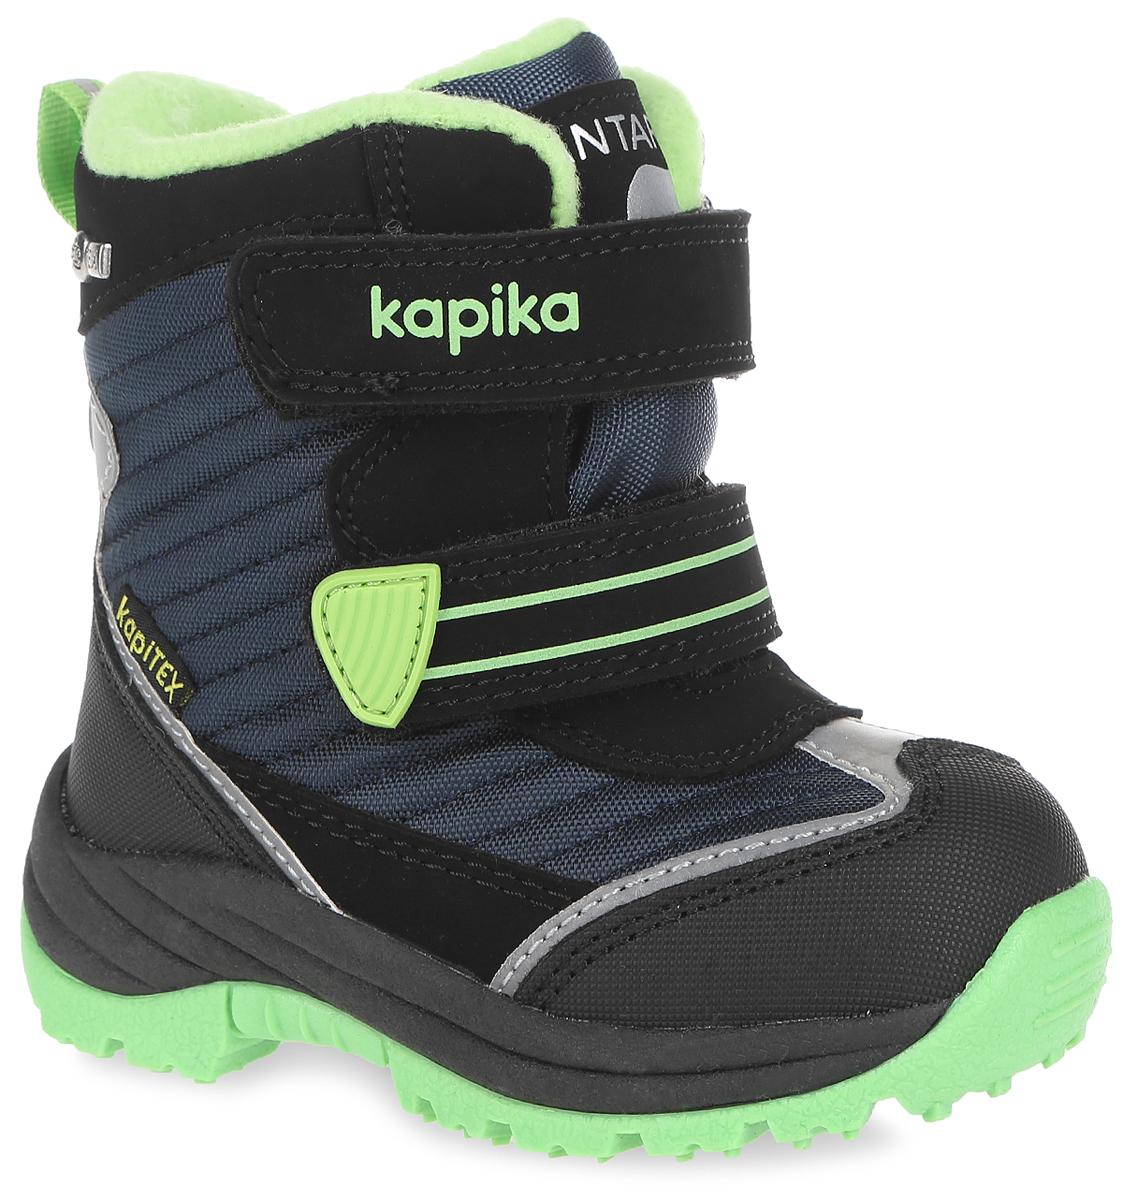 Ботинки для мальчика. 41135-141135-1Теплые ботинки от Kapika заинтересуют вашего мальчика с первого взгляда. Ботинки выполнены из искусственной кожи с вставками из текстиля. Модель оформлена прострочками и фирменными нашивками. Передняя и задняя части дополнены накладками для уменьшения износа обуви. Модель фиксируется на ноге с помощью удобных ремешков с застежками-липучками. Ярлычок на заднике облегчает надевание обуви. Подошва изготовлена из прочного и легкого ТЭП-материала, а ее рифленая поверхность гарантирует отличное сцепление с любой поверхностью. Стильные и практичные ботинки займут достойное место в гардеробе вашего ребенка.